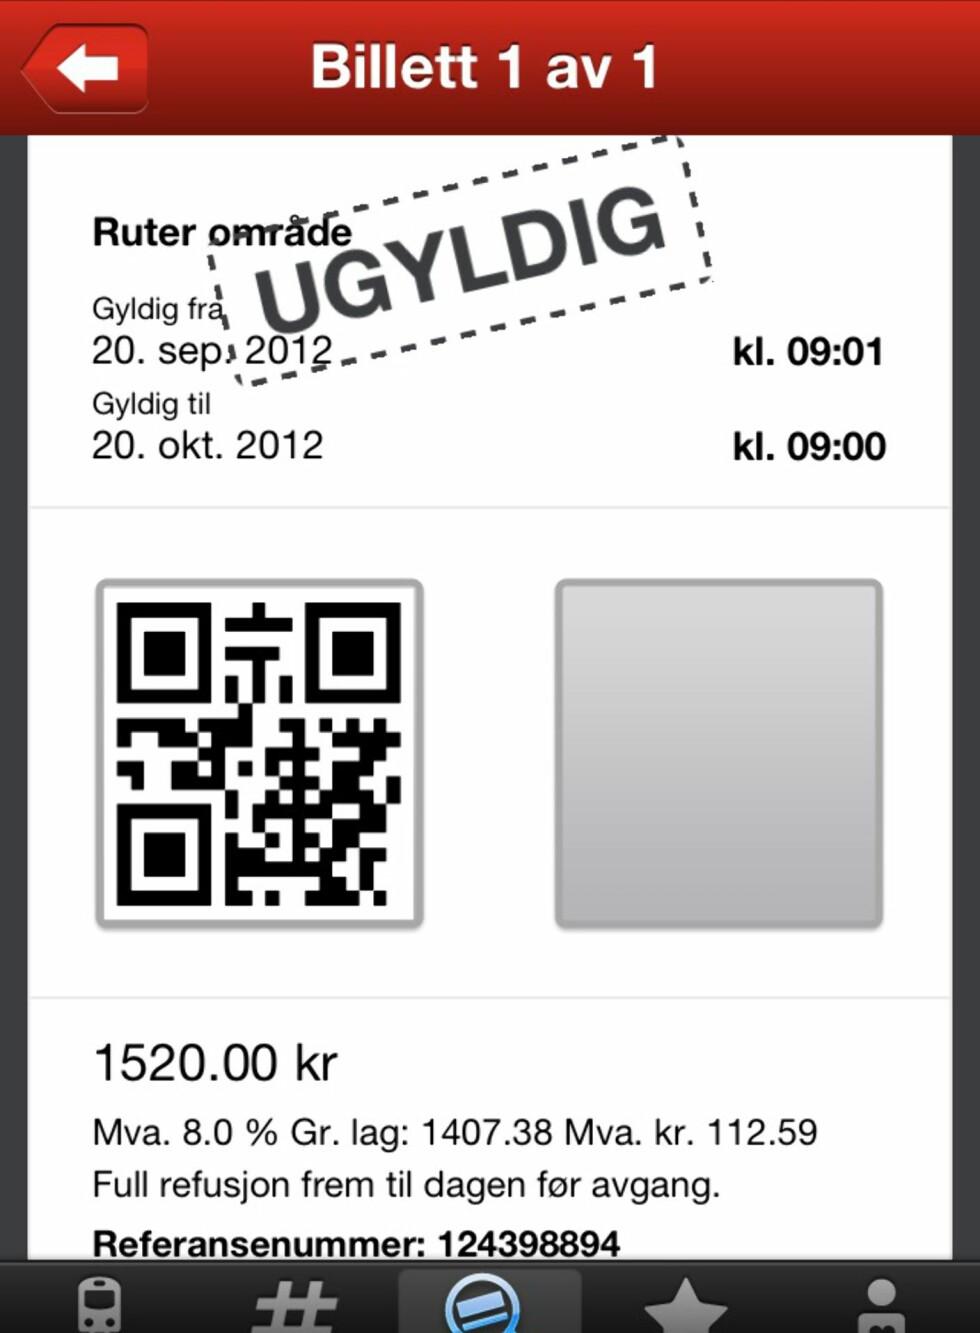 Først får vi beskjed om at billetten vår er ugyldig. Deretter avinstallerer vi app-en og installerer den på ny.